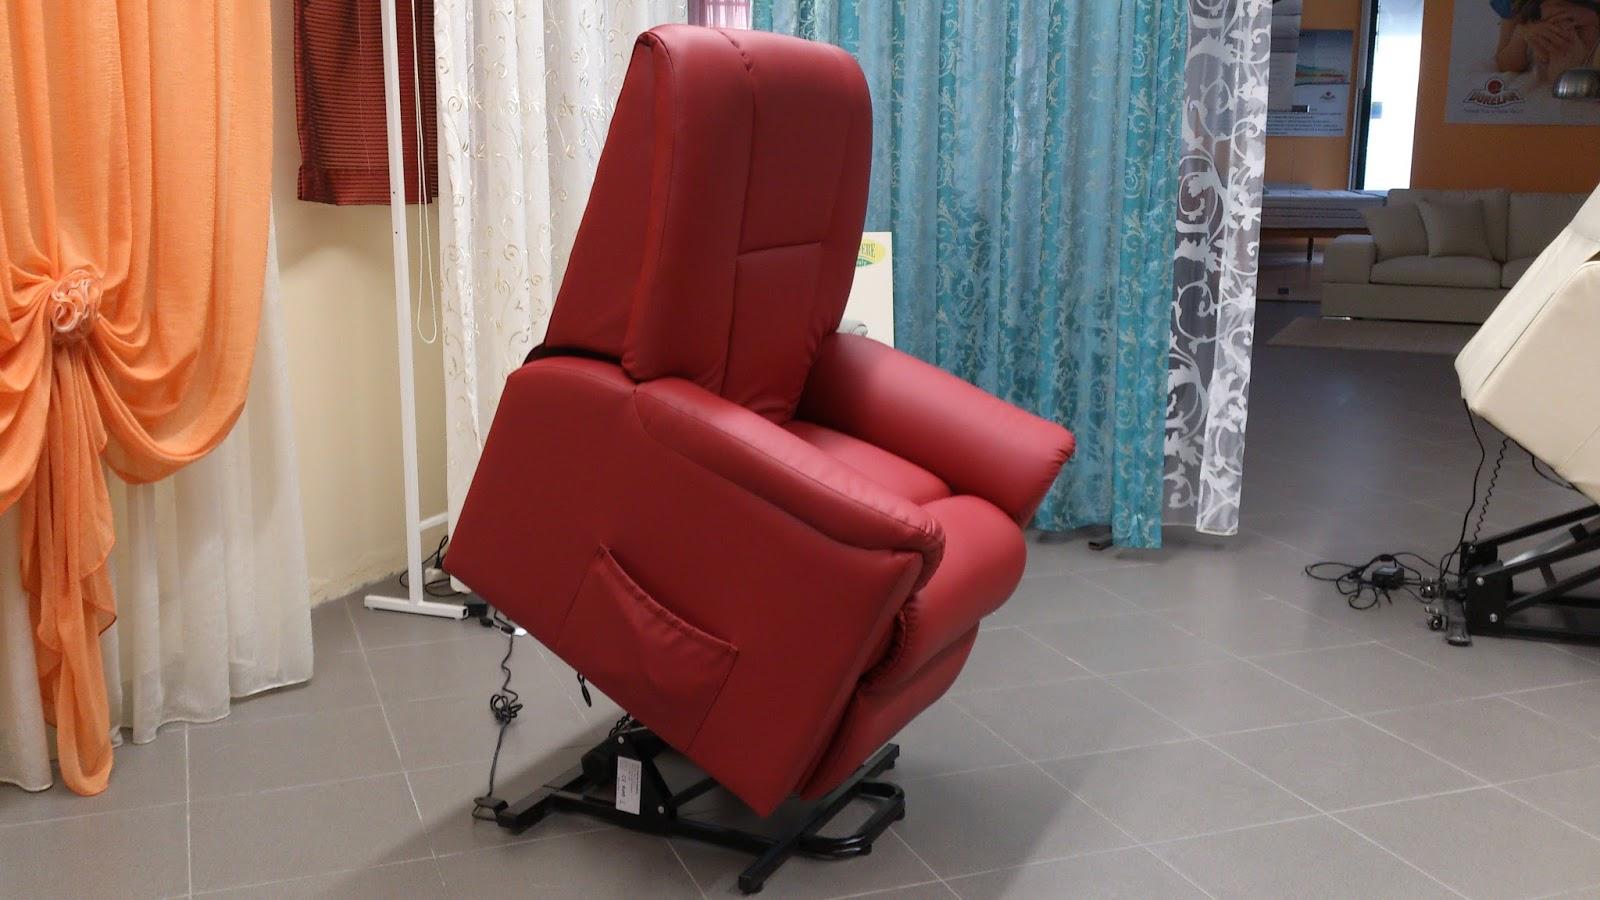 Poltrone Elevabili Elettriche Per Anziani E Disabili  Share The Knownledge